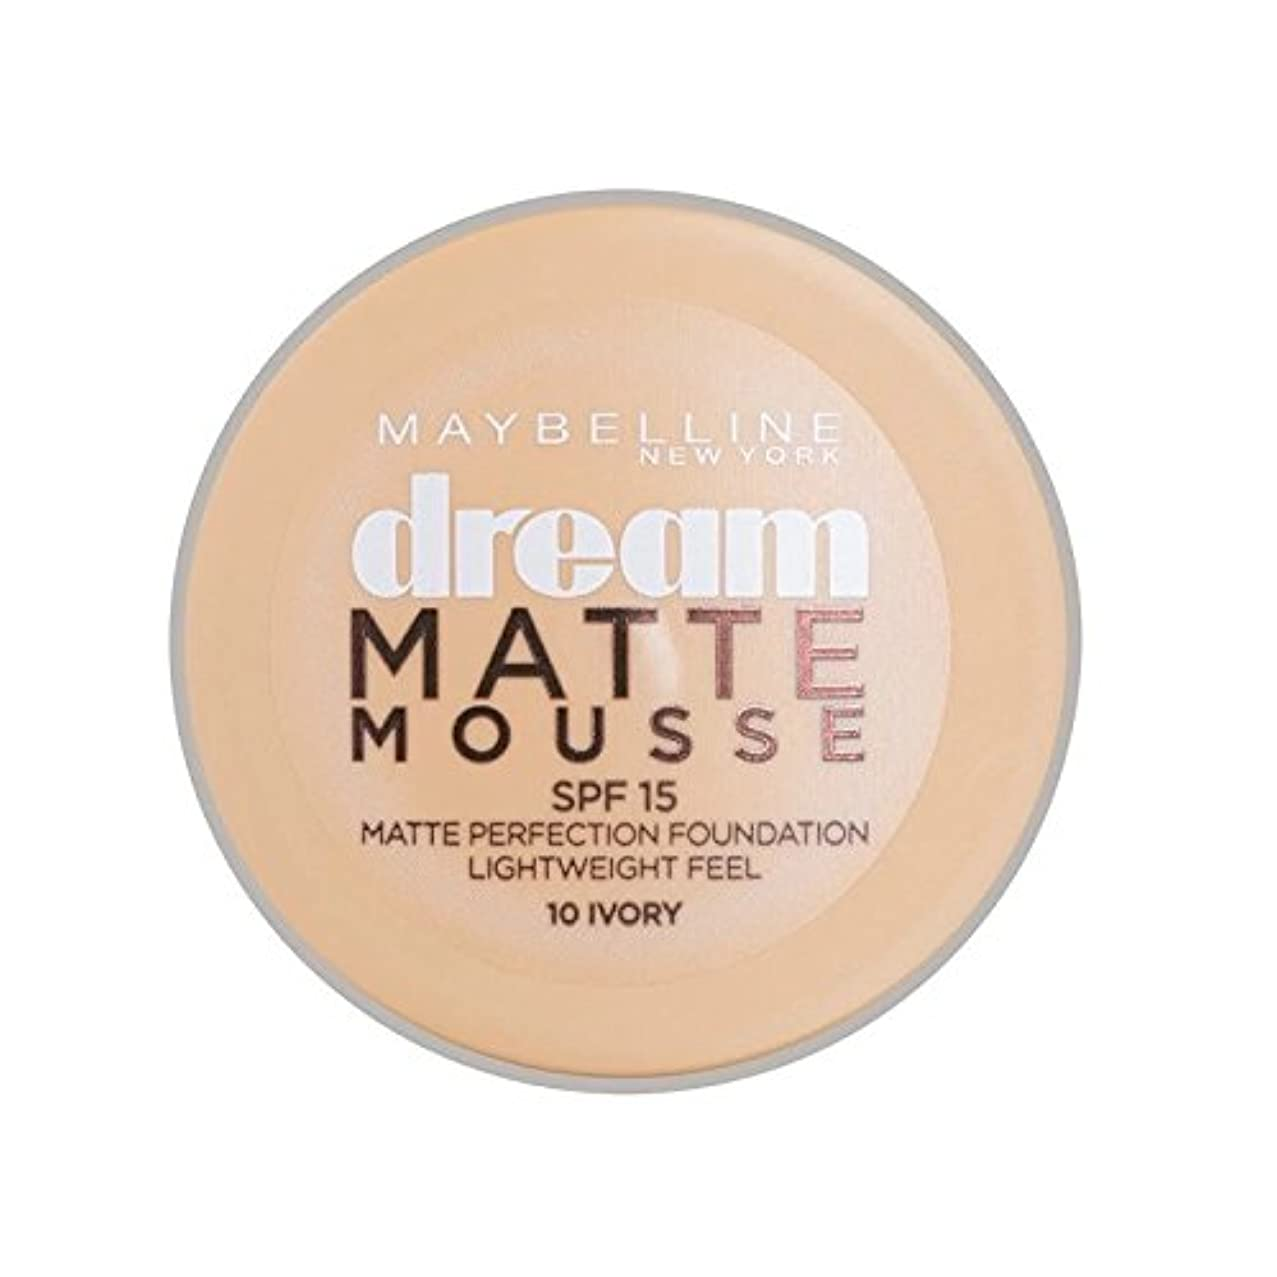 ディスパッチウェーハ指Maybelline Dream Matte Mousse Foundation 10 Ivory 10ml - メイベリン夢マットムース土台10アイボリー10ミリリットル [並行輸入品]